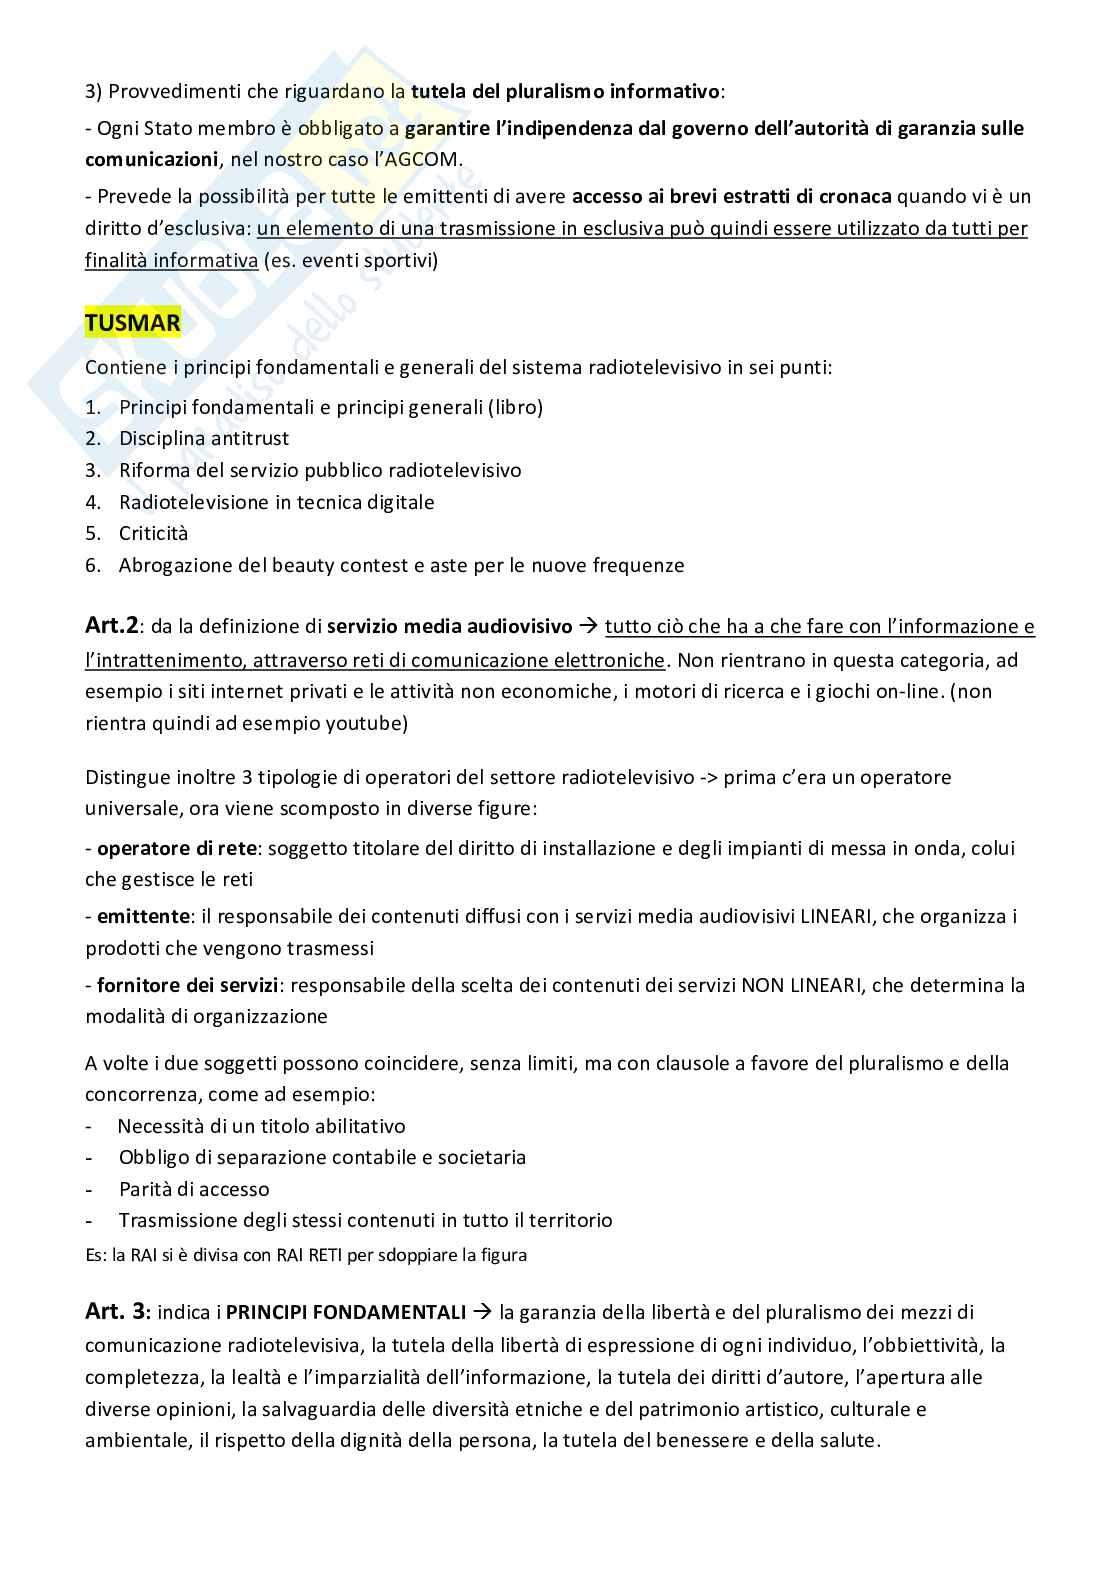 Diritto dell'informazione Pag. 26